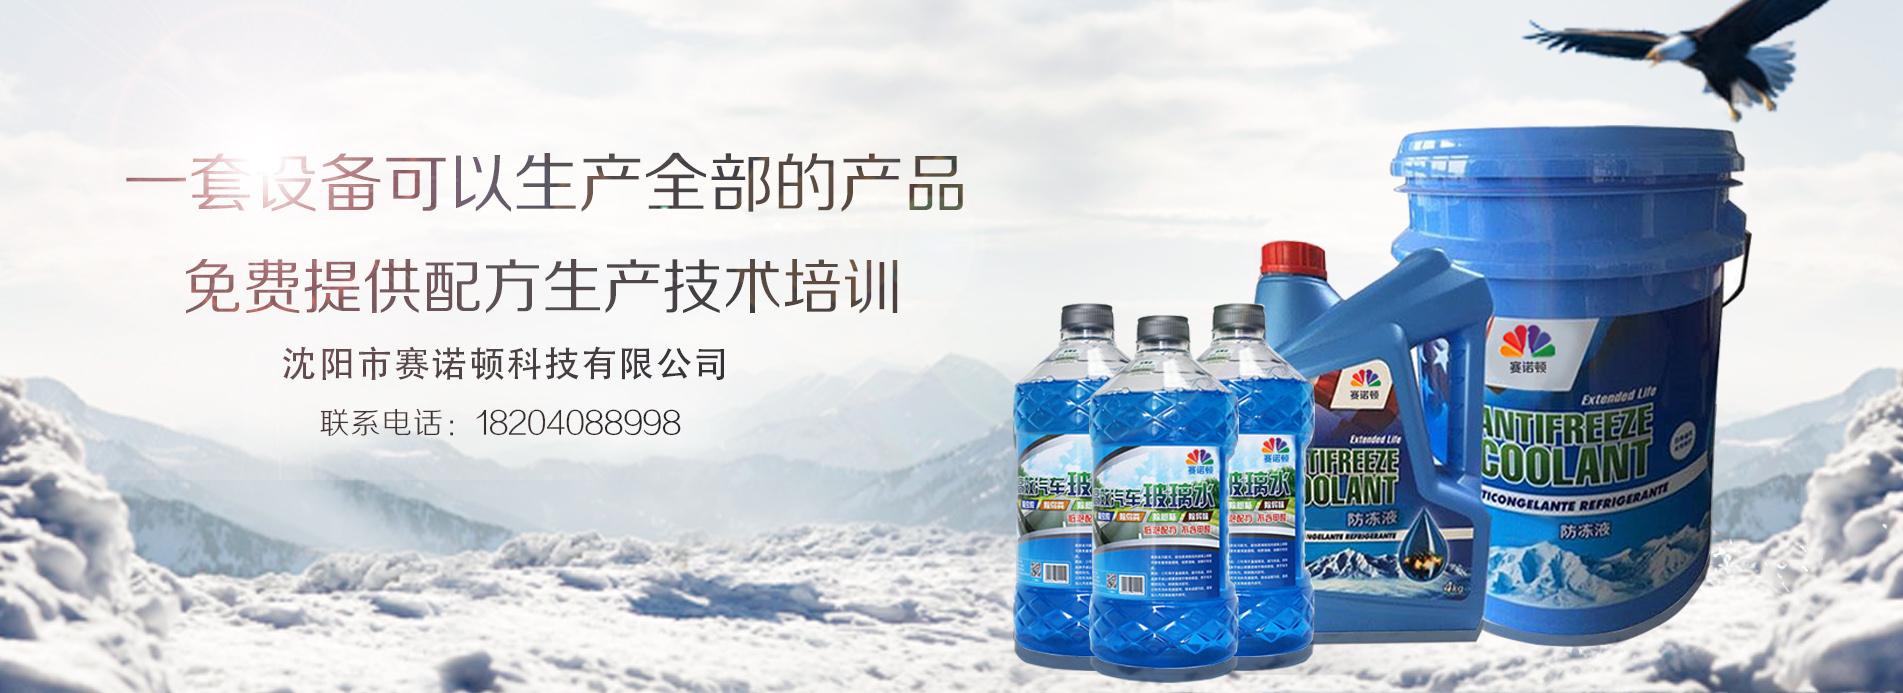 沈阳玻璃水制作厂家加入富海360做网络营销推广